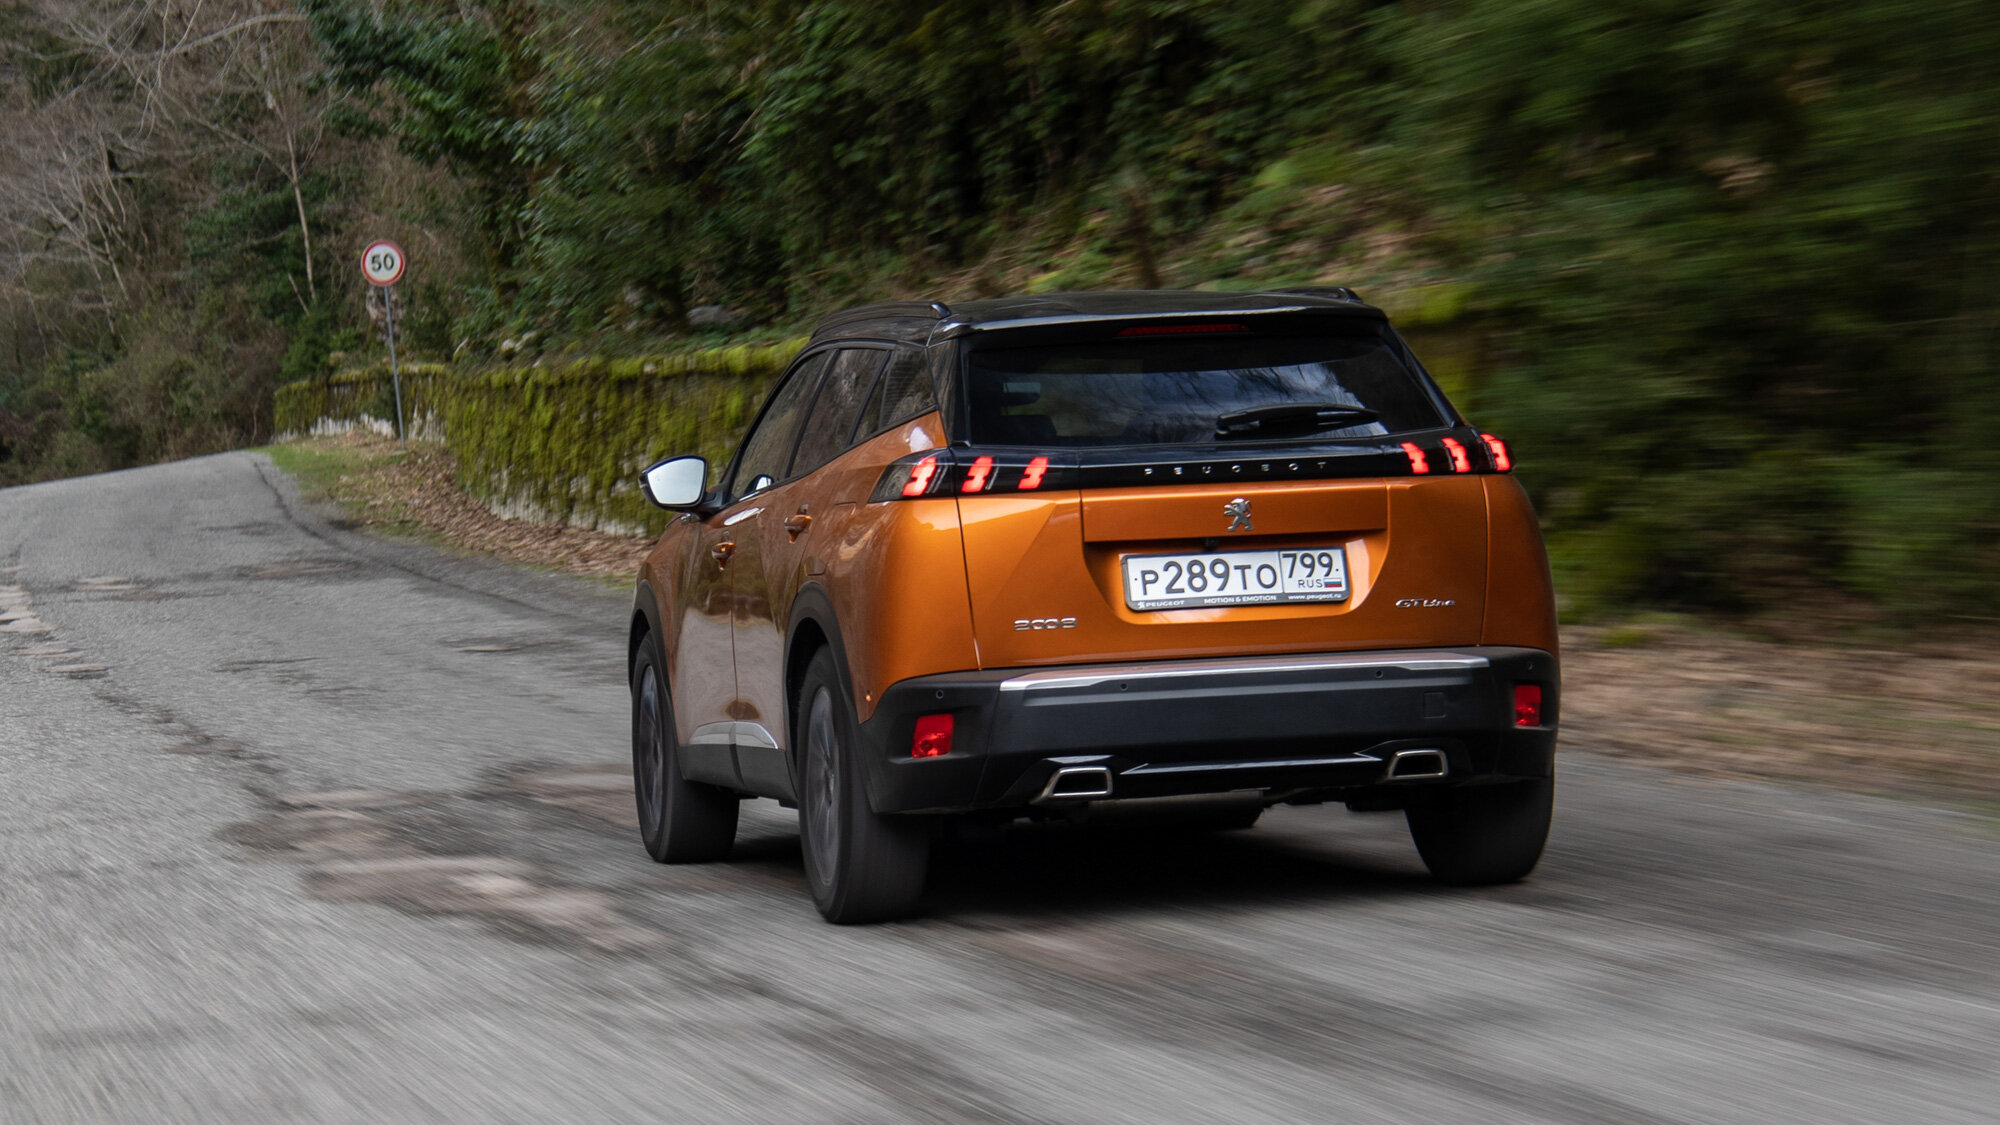 Путь гедониста: первый тест нового Peugeot 2008 - читайте в разделе Тесты в Журнале Авто.ру